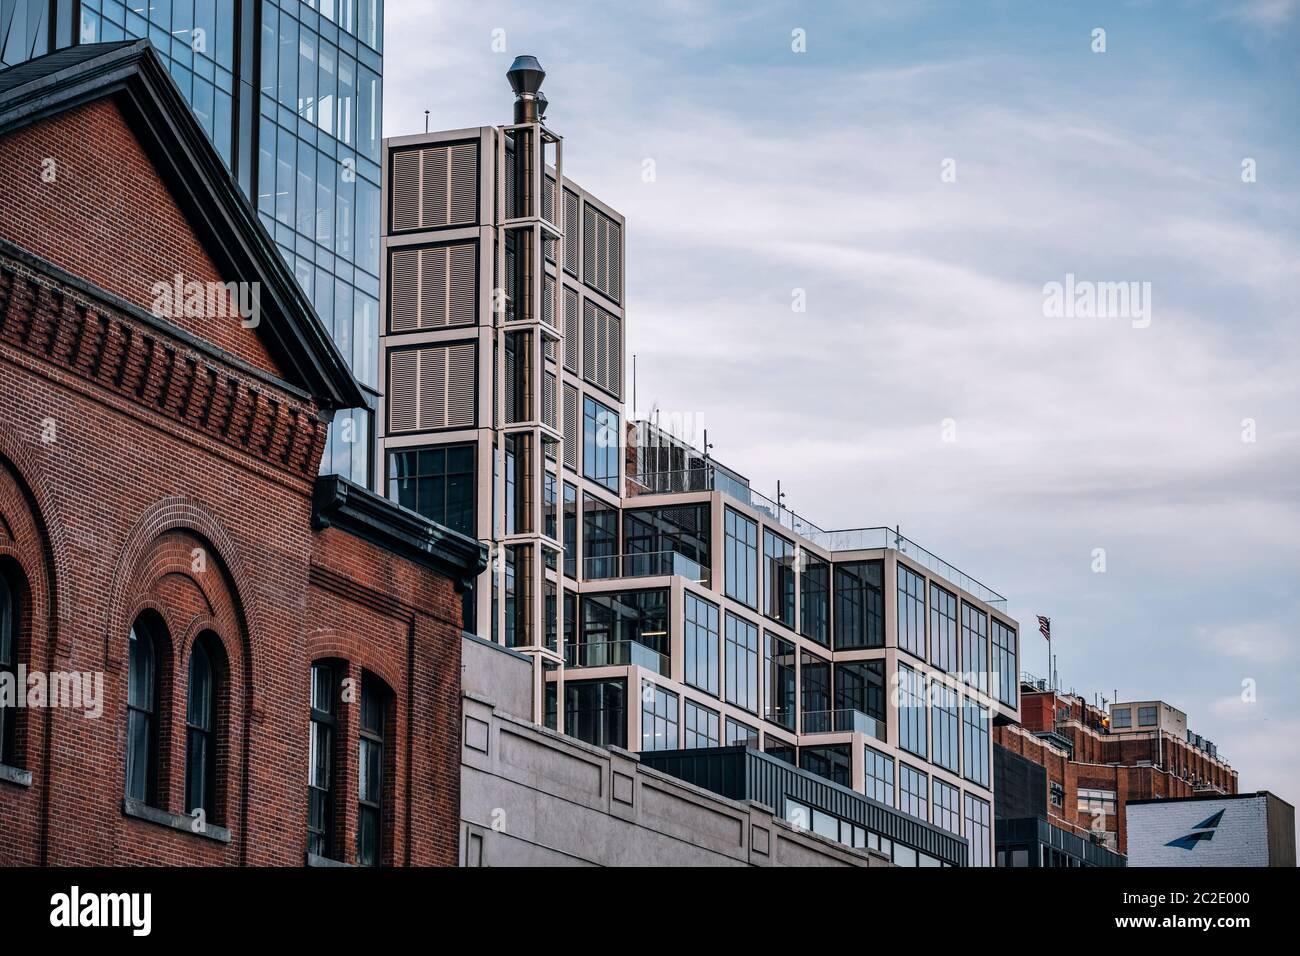 Vista cercana del exterior del edificio de edificios modernos y antiguos en la ciudad de Chelsea Nueva York Foto de stock